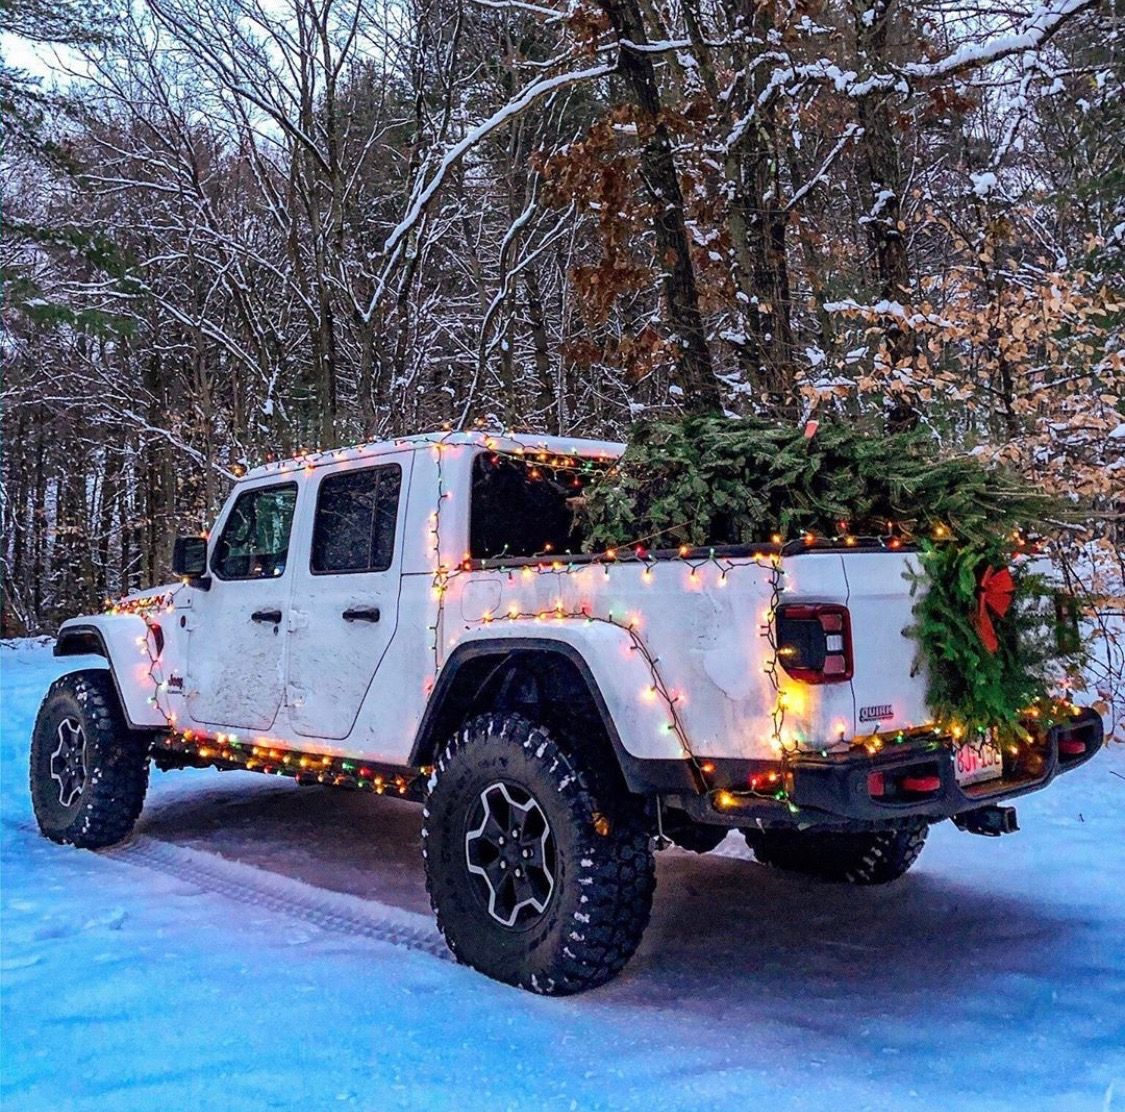 Jeep Gladiator With Christmas Tree And Christmas Lights Jeep